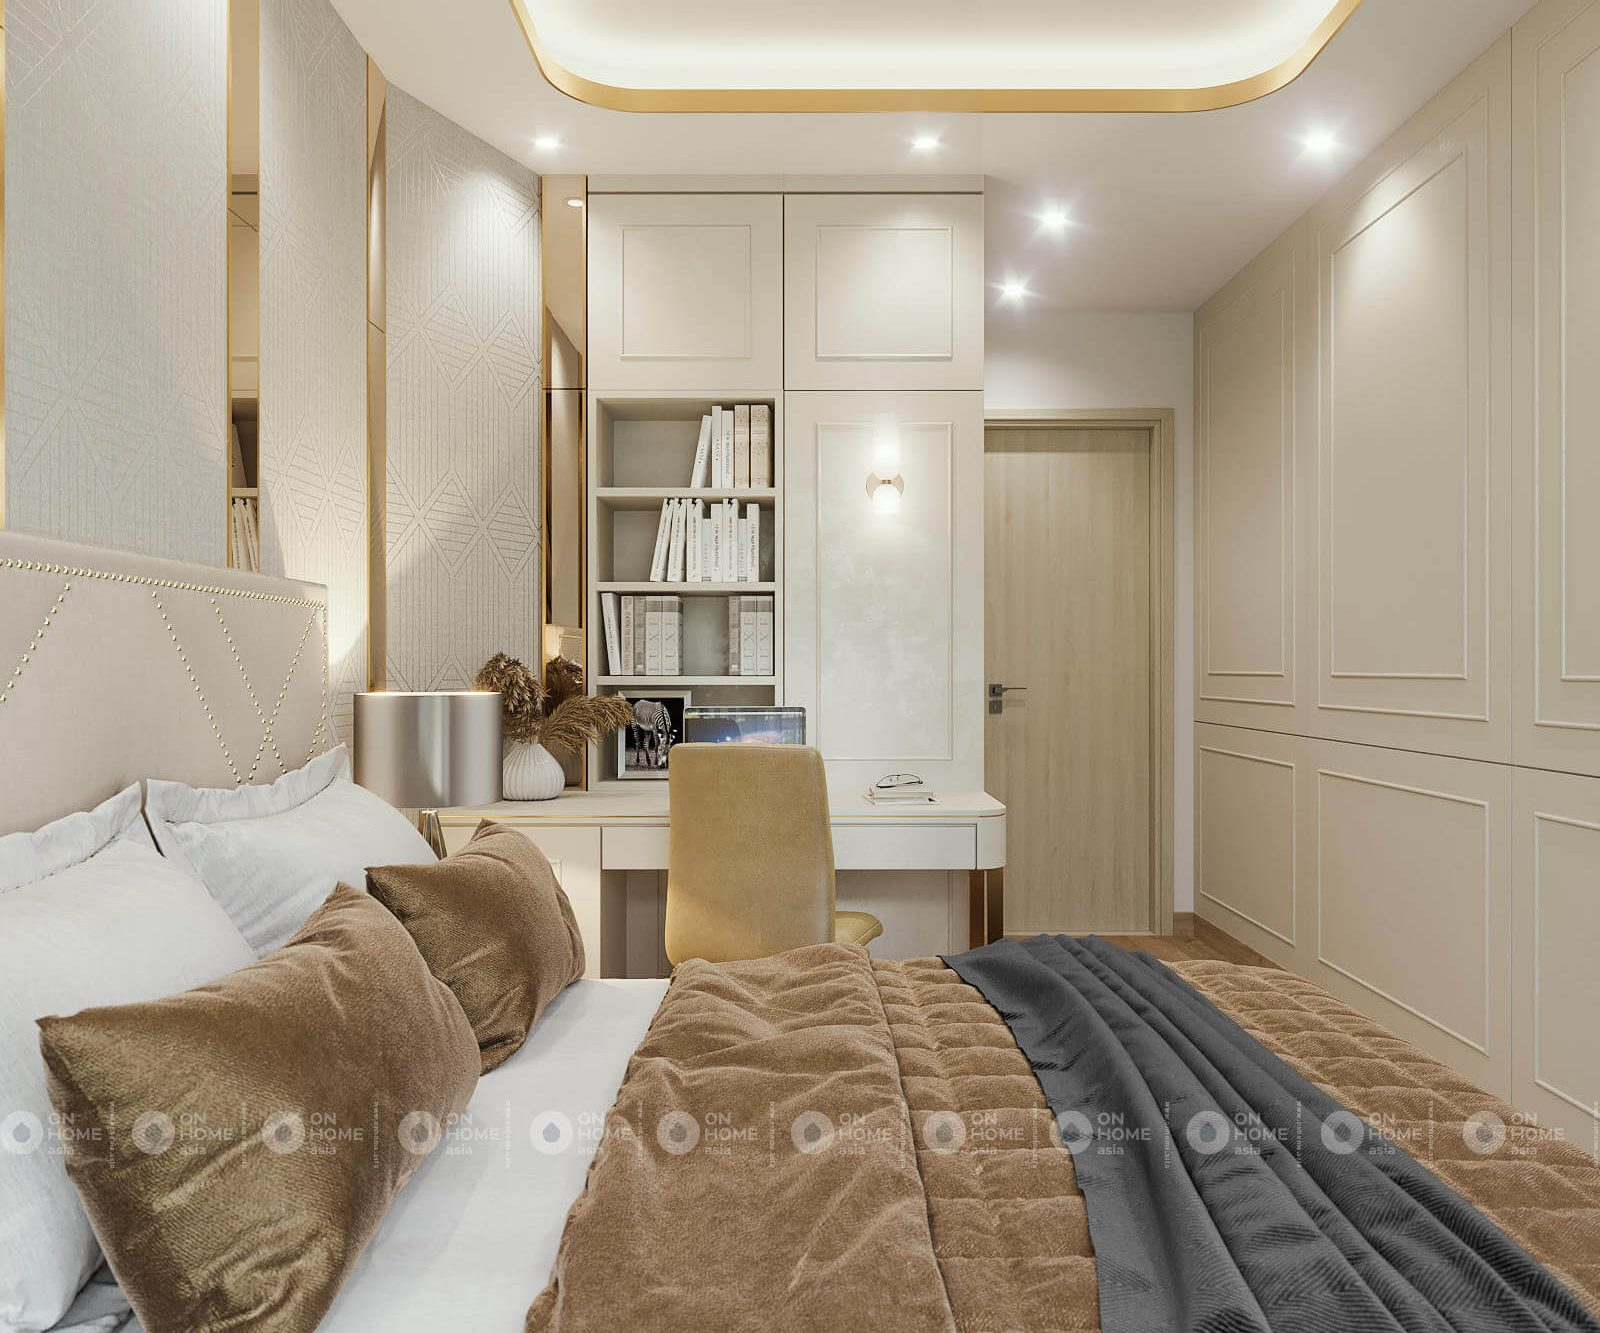 Nội thất phòng ngủ nhỏ tuyệt đẹp căn hộ 2 phòng ngủ